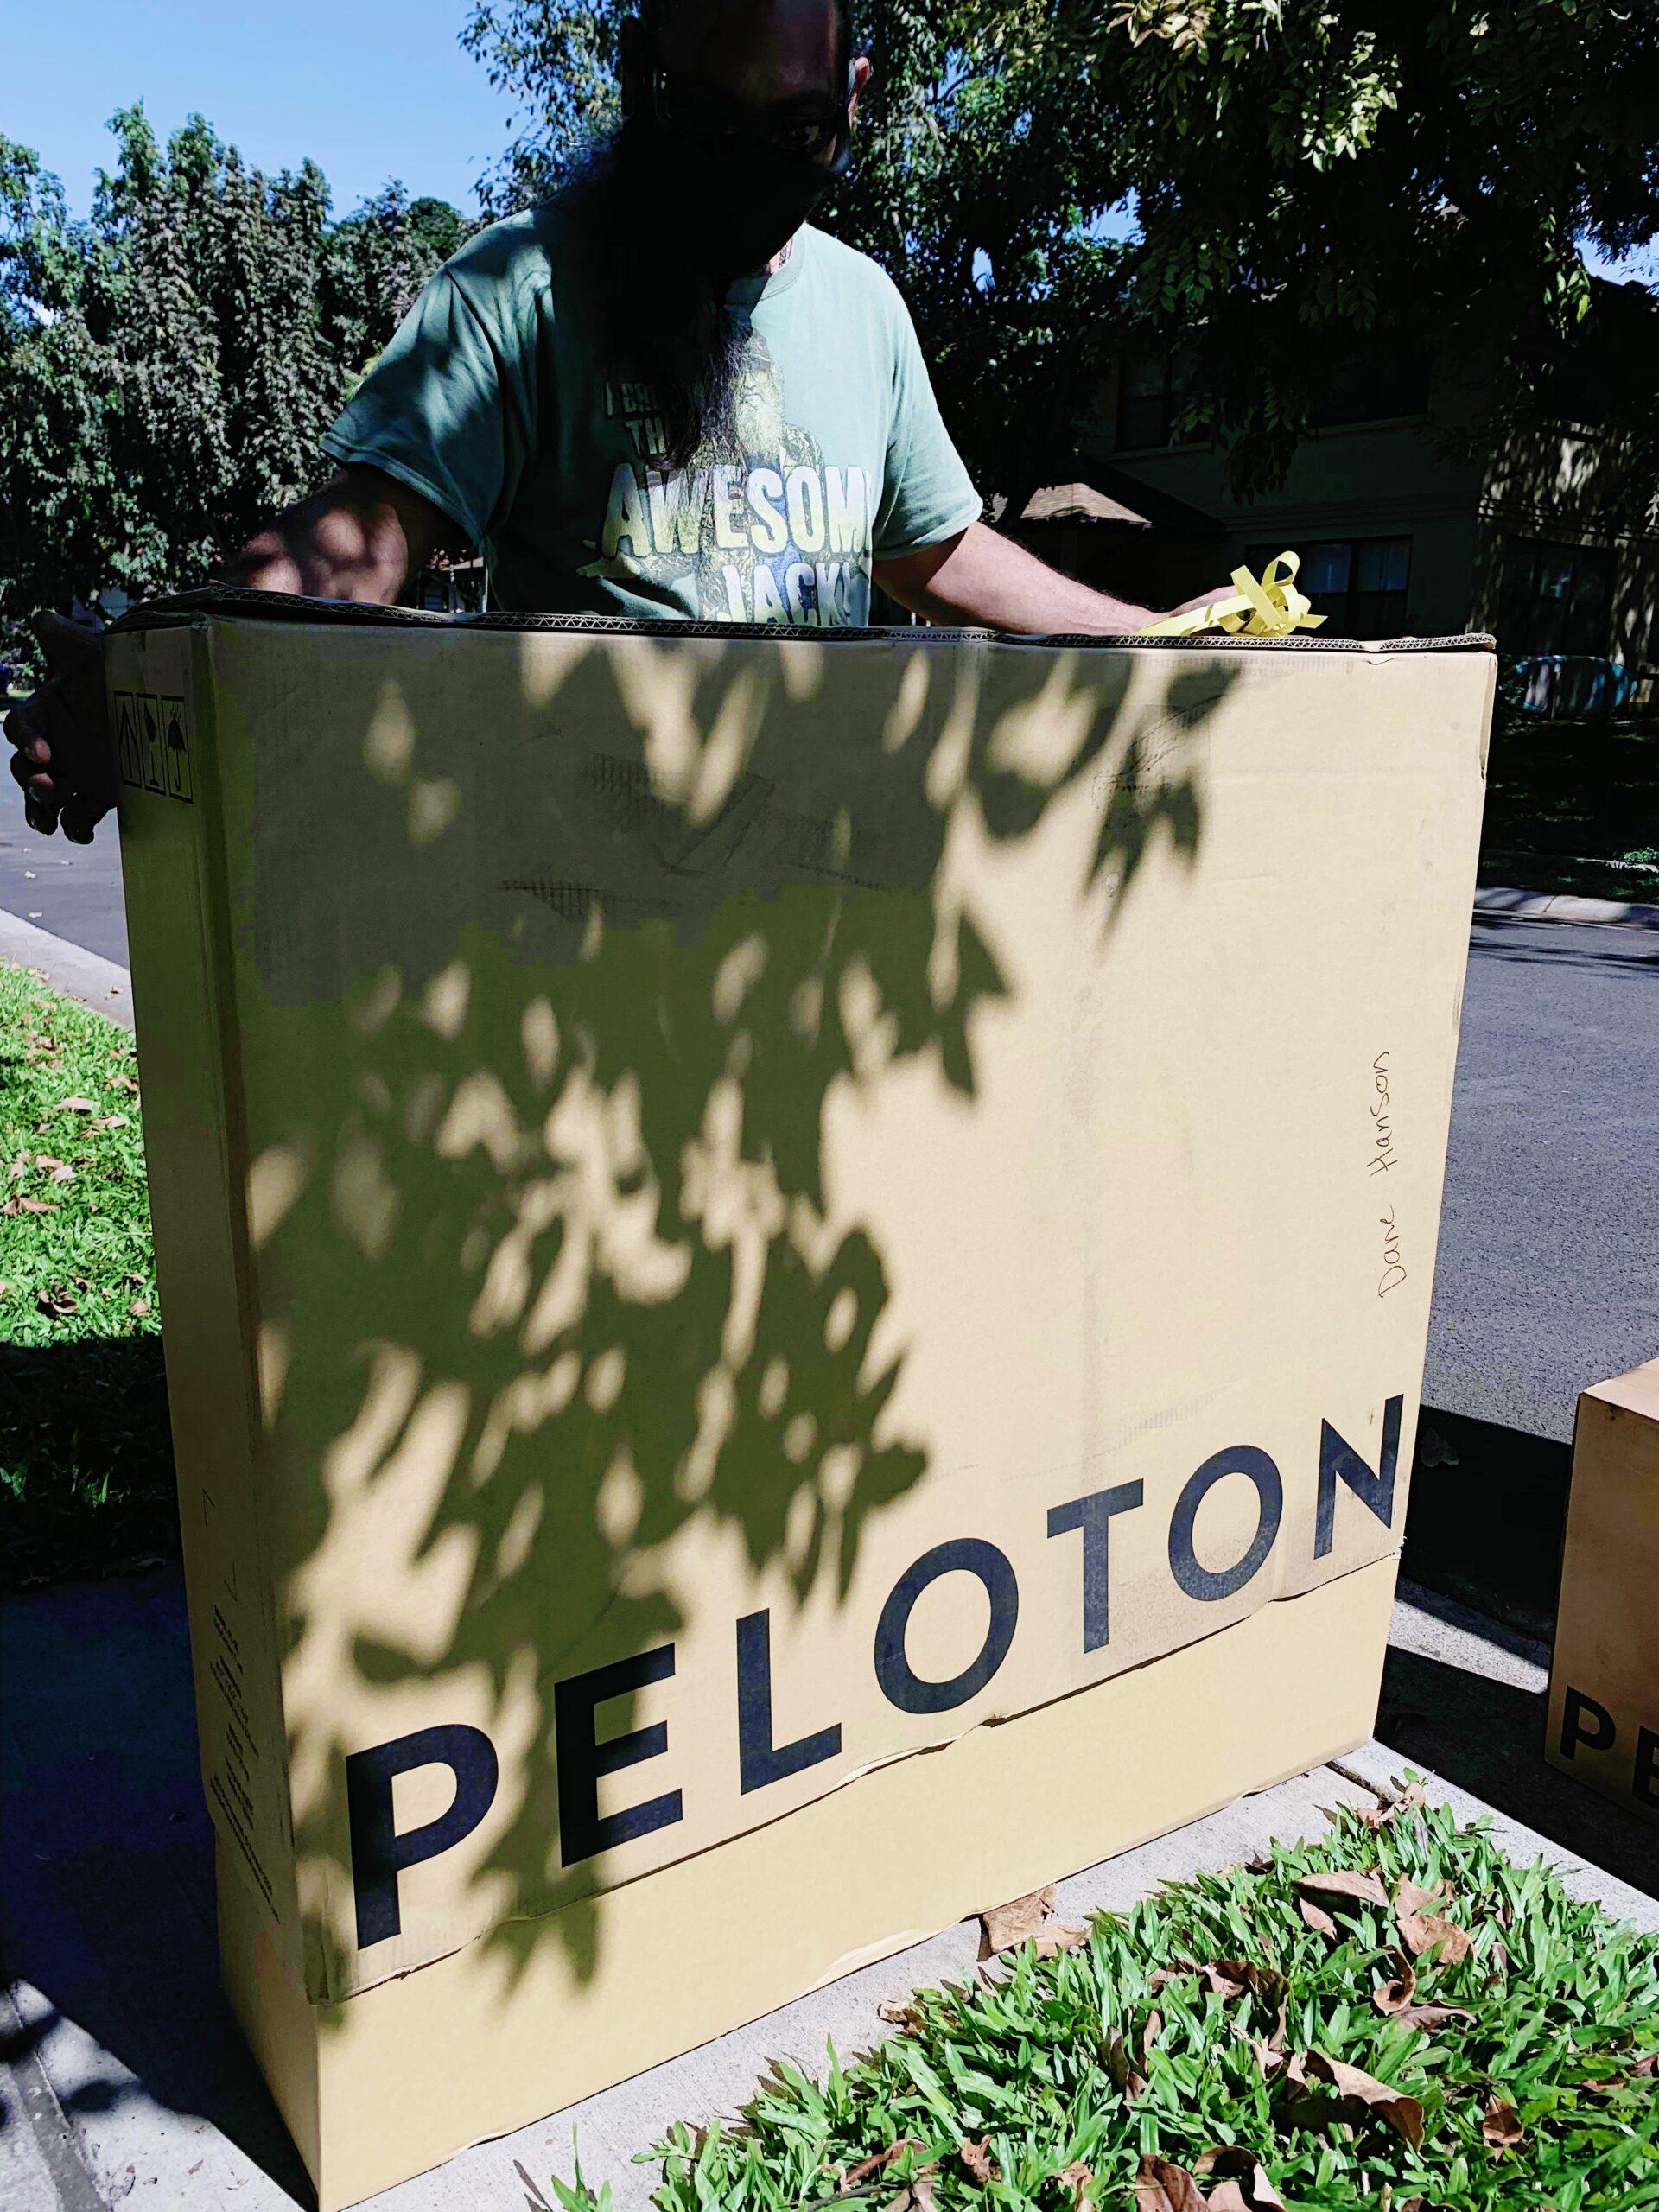 Peloton delivery box